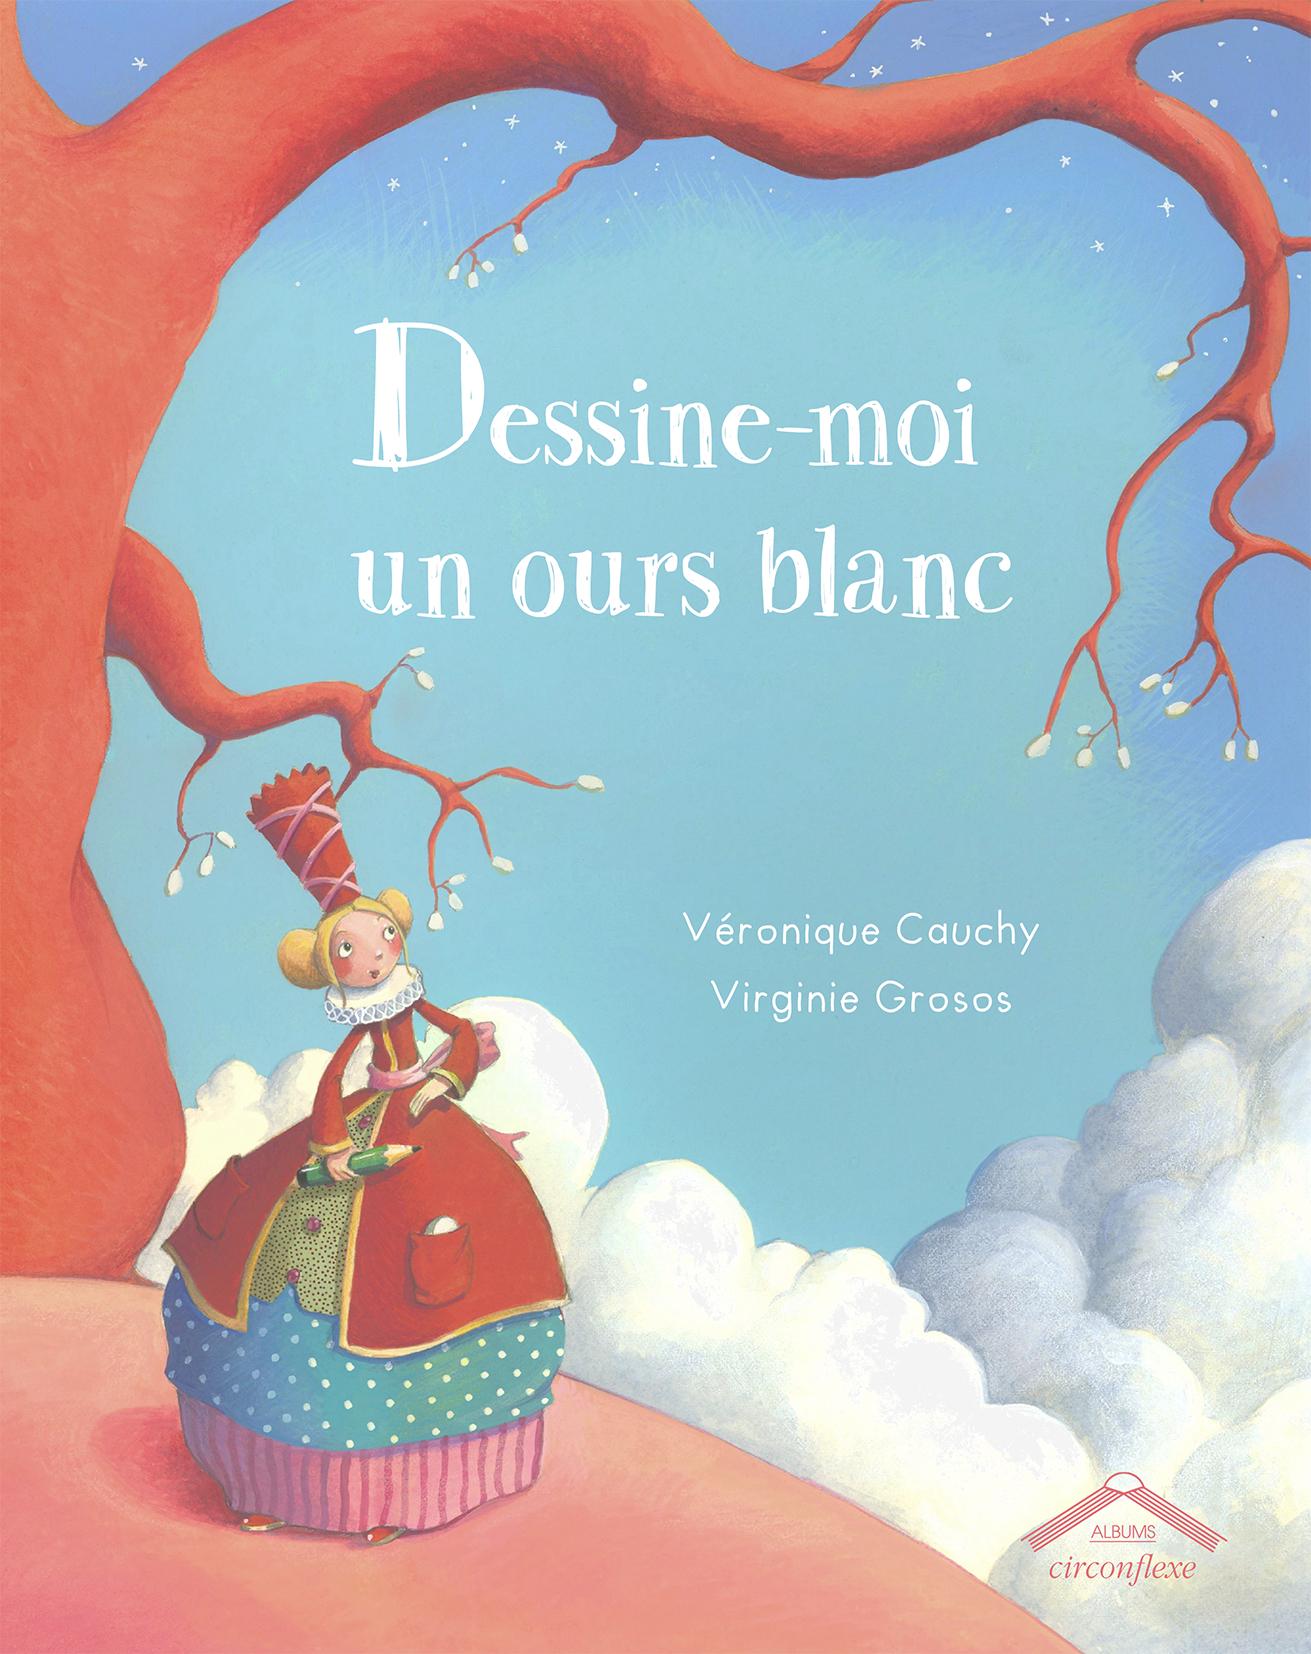 DESSINE-MOI UN OURS BLANC